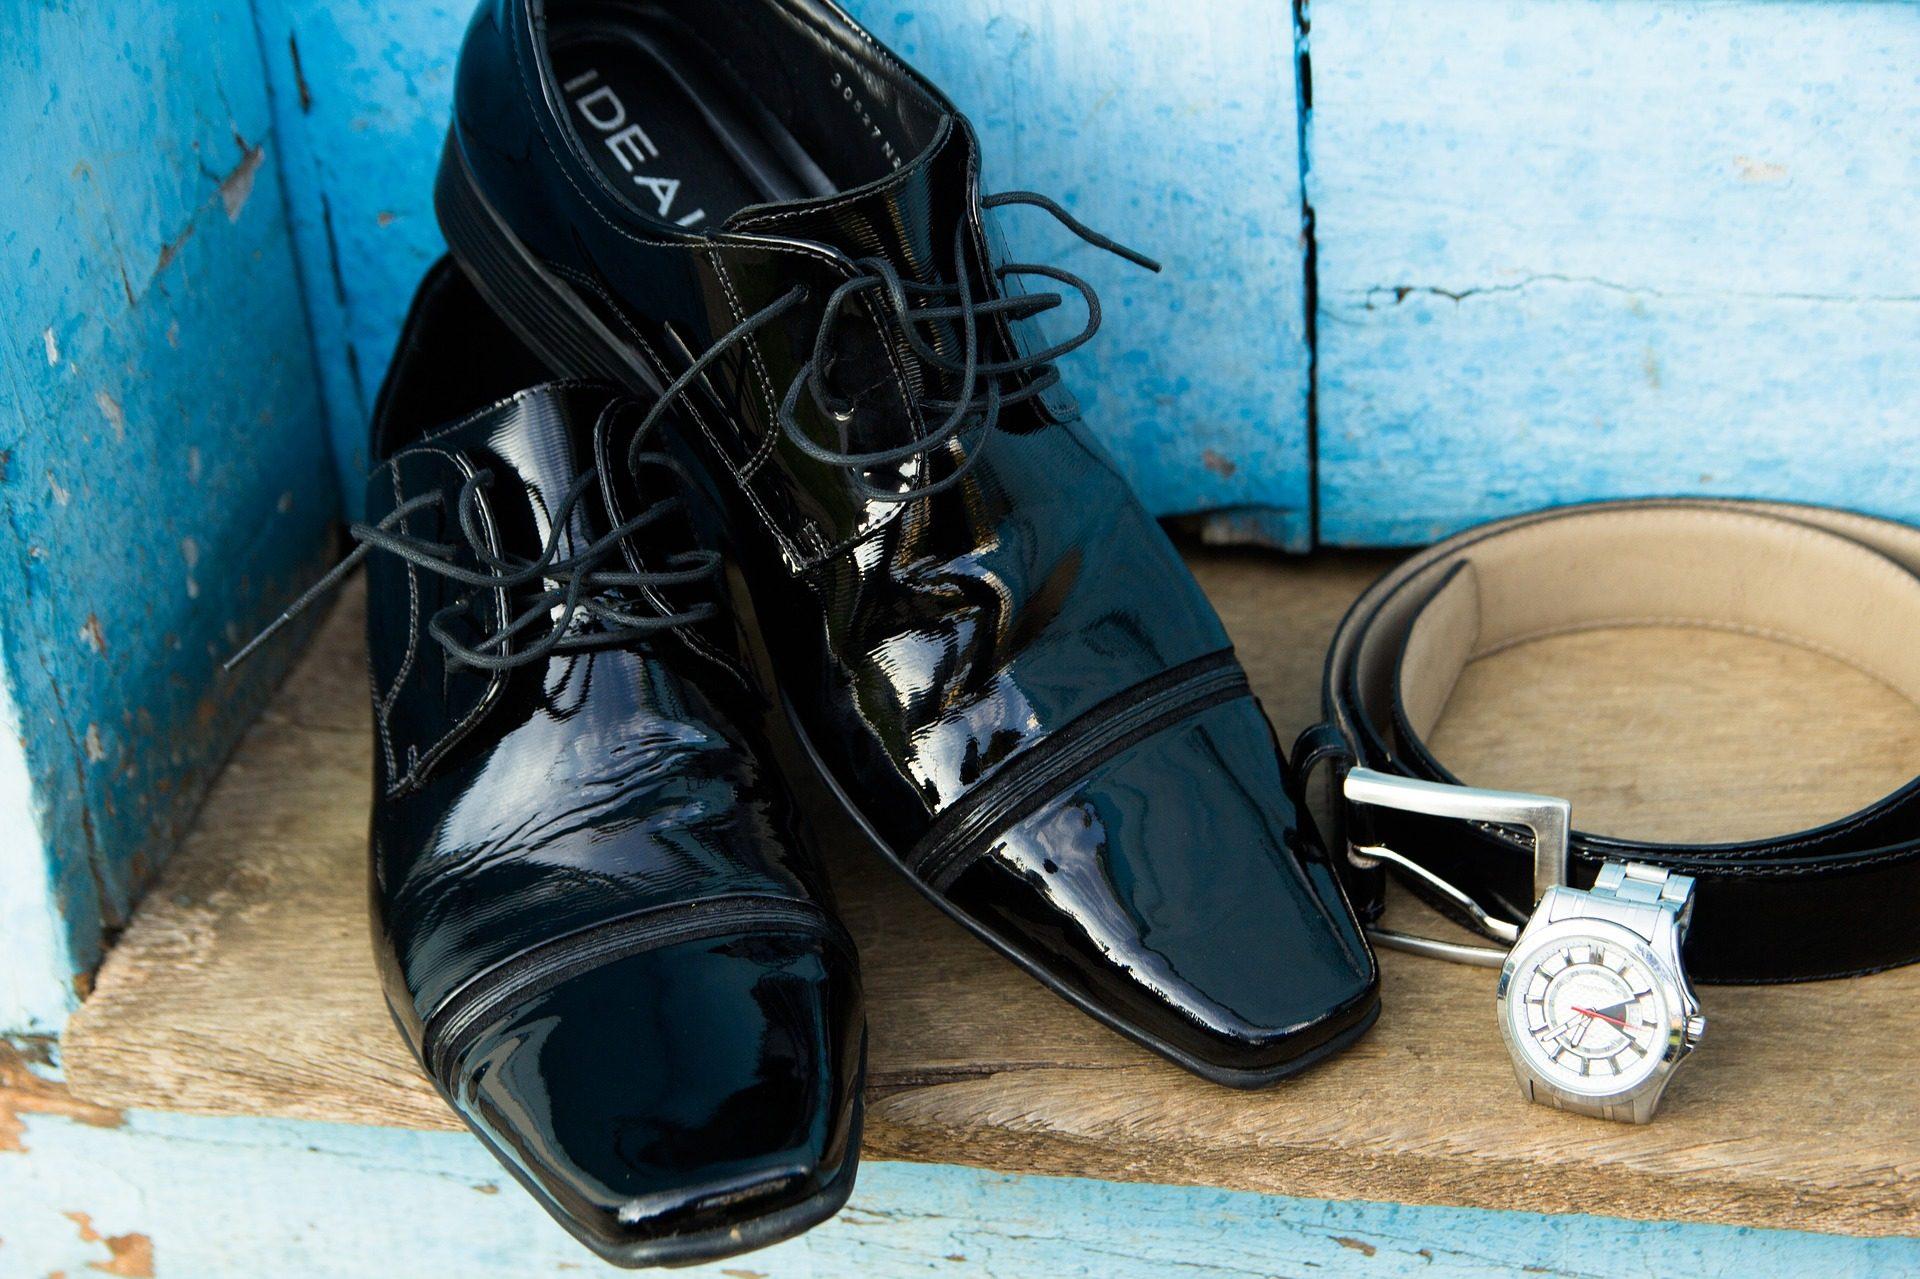 道路, 带, 手表, 亮度, 鞋带 - 高清壁纸 - 教授-falken.com